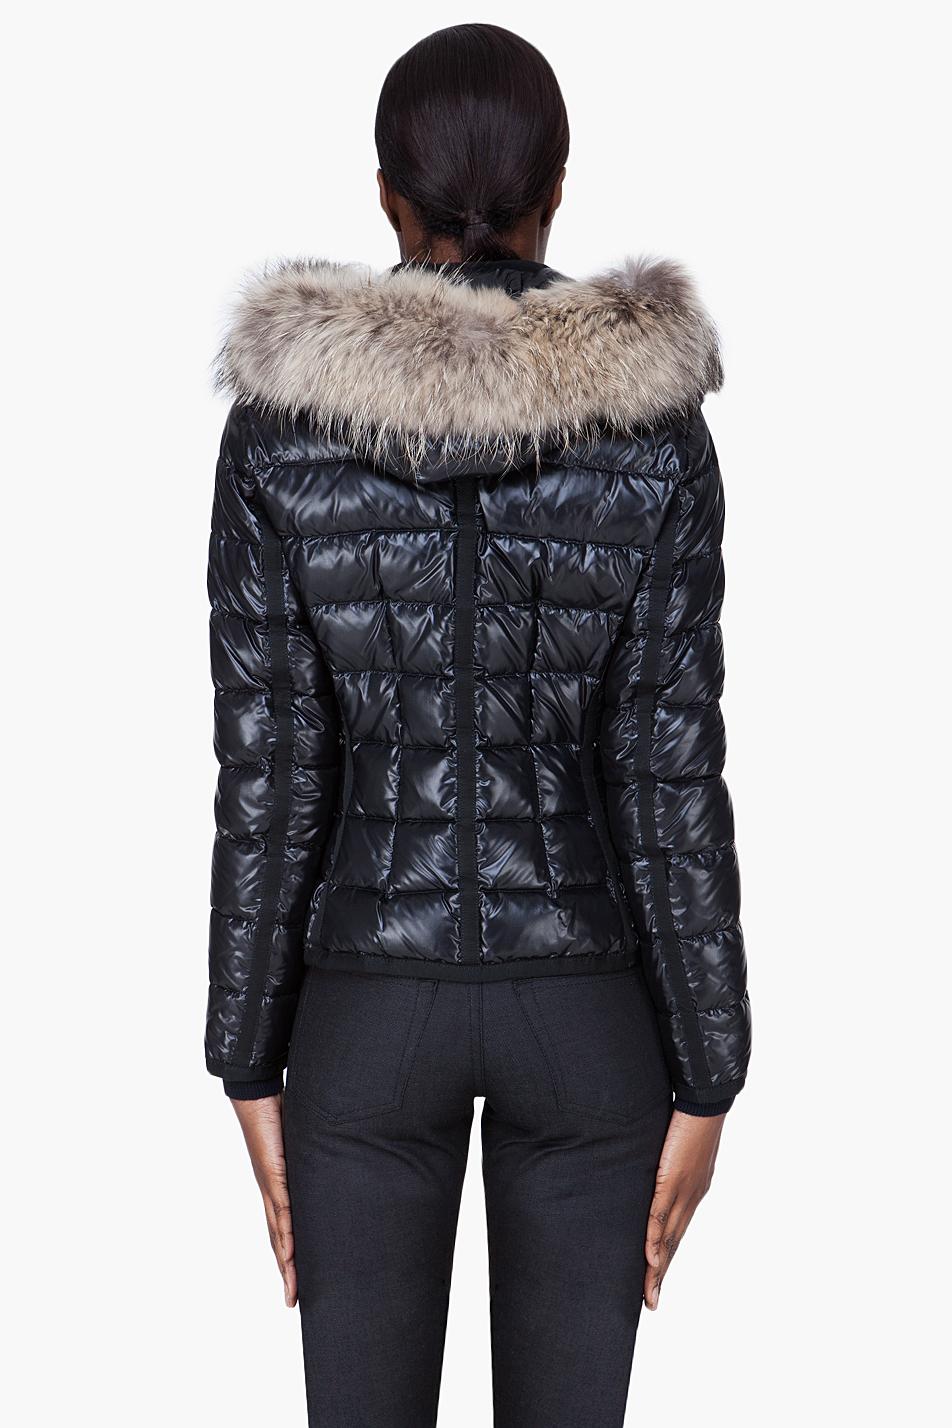 d3a89ddb2 Moncler Black Raccoon Fur Hood Armoise Jacket